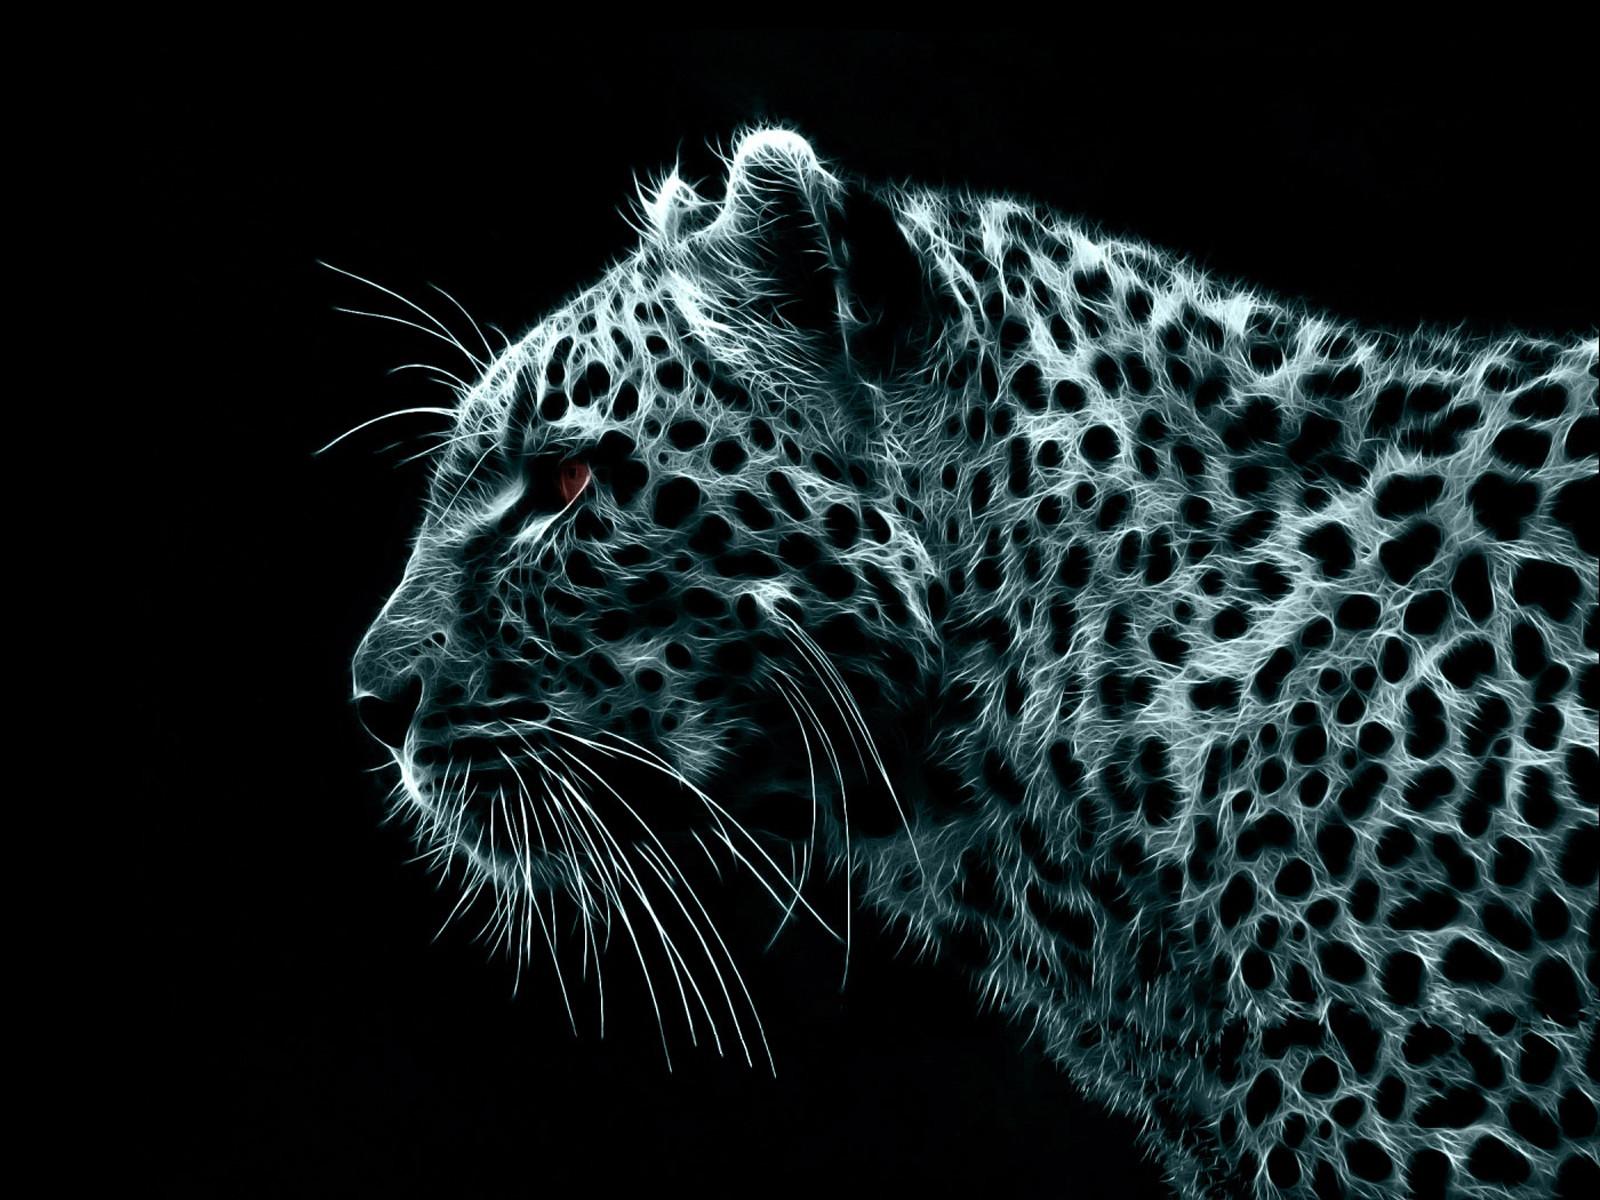 белый тигр, леопард, фото, обои для рабочего стола